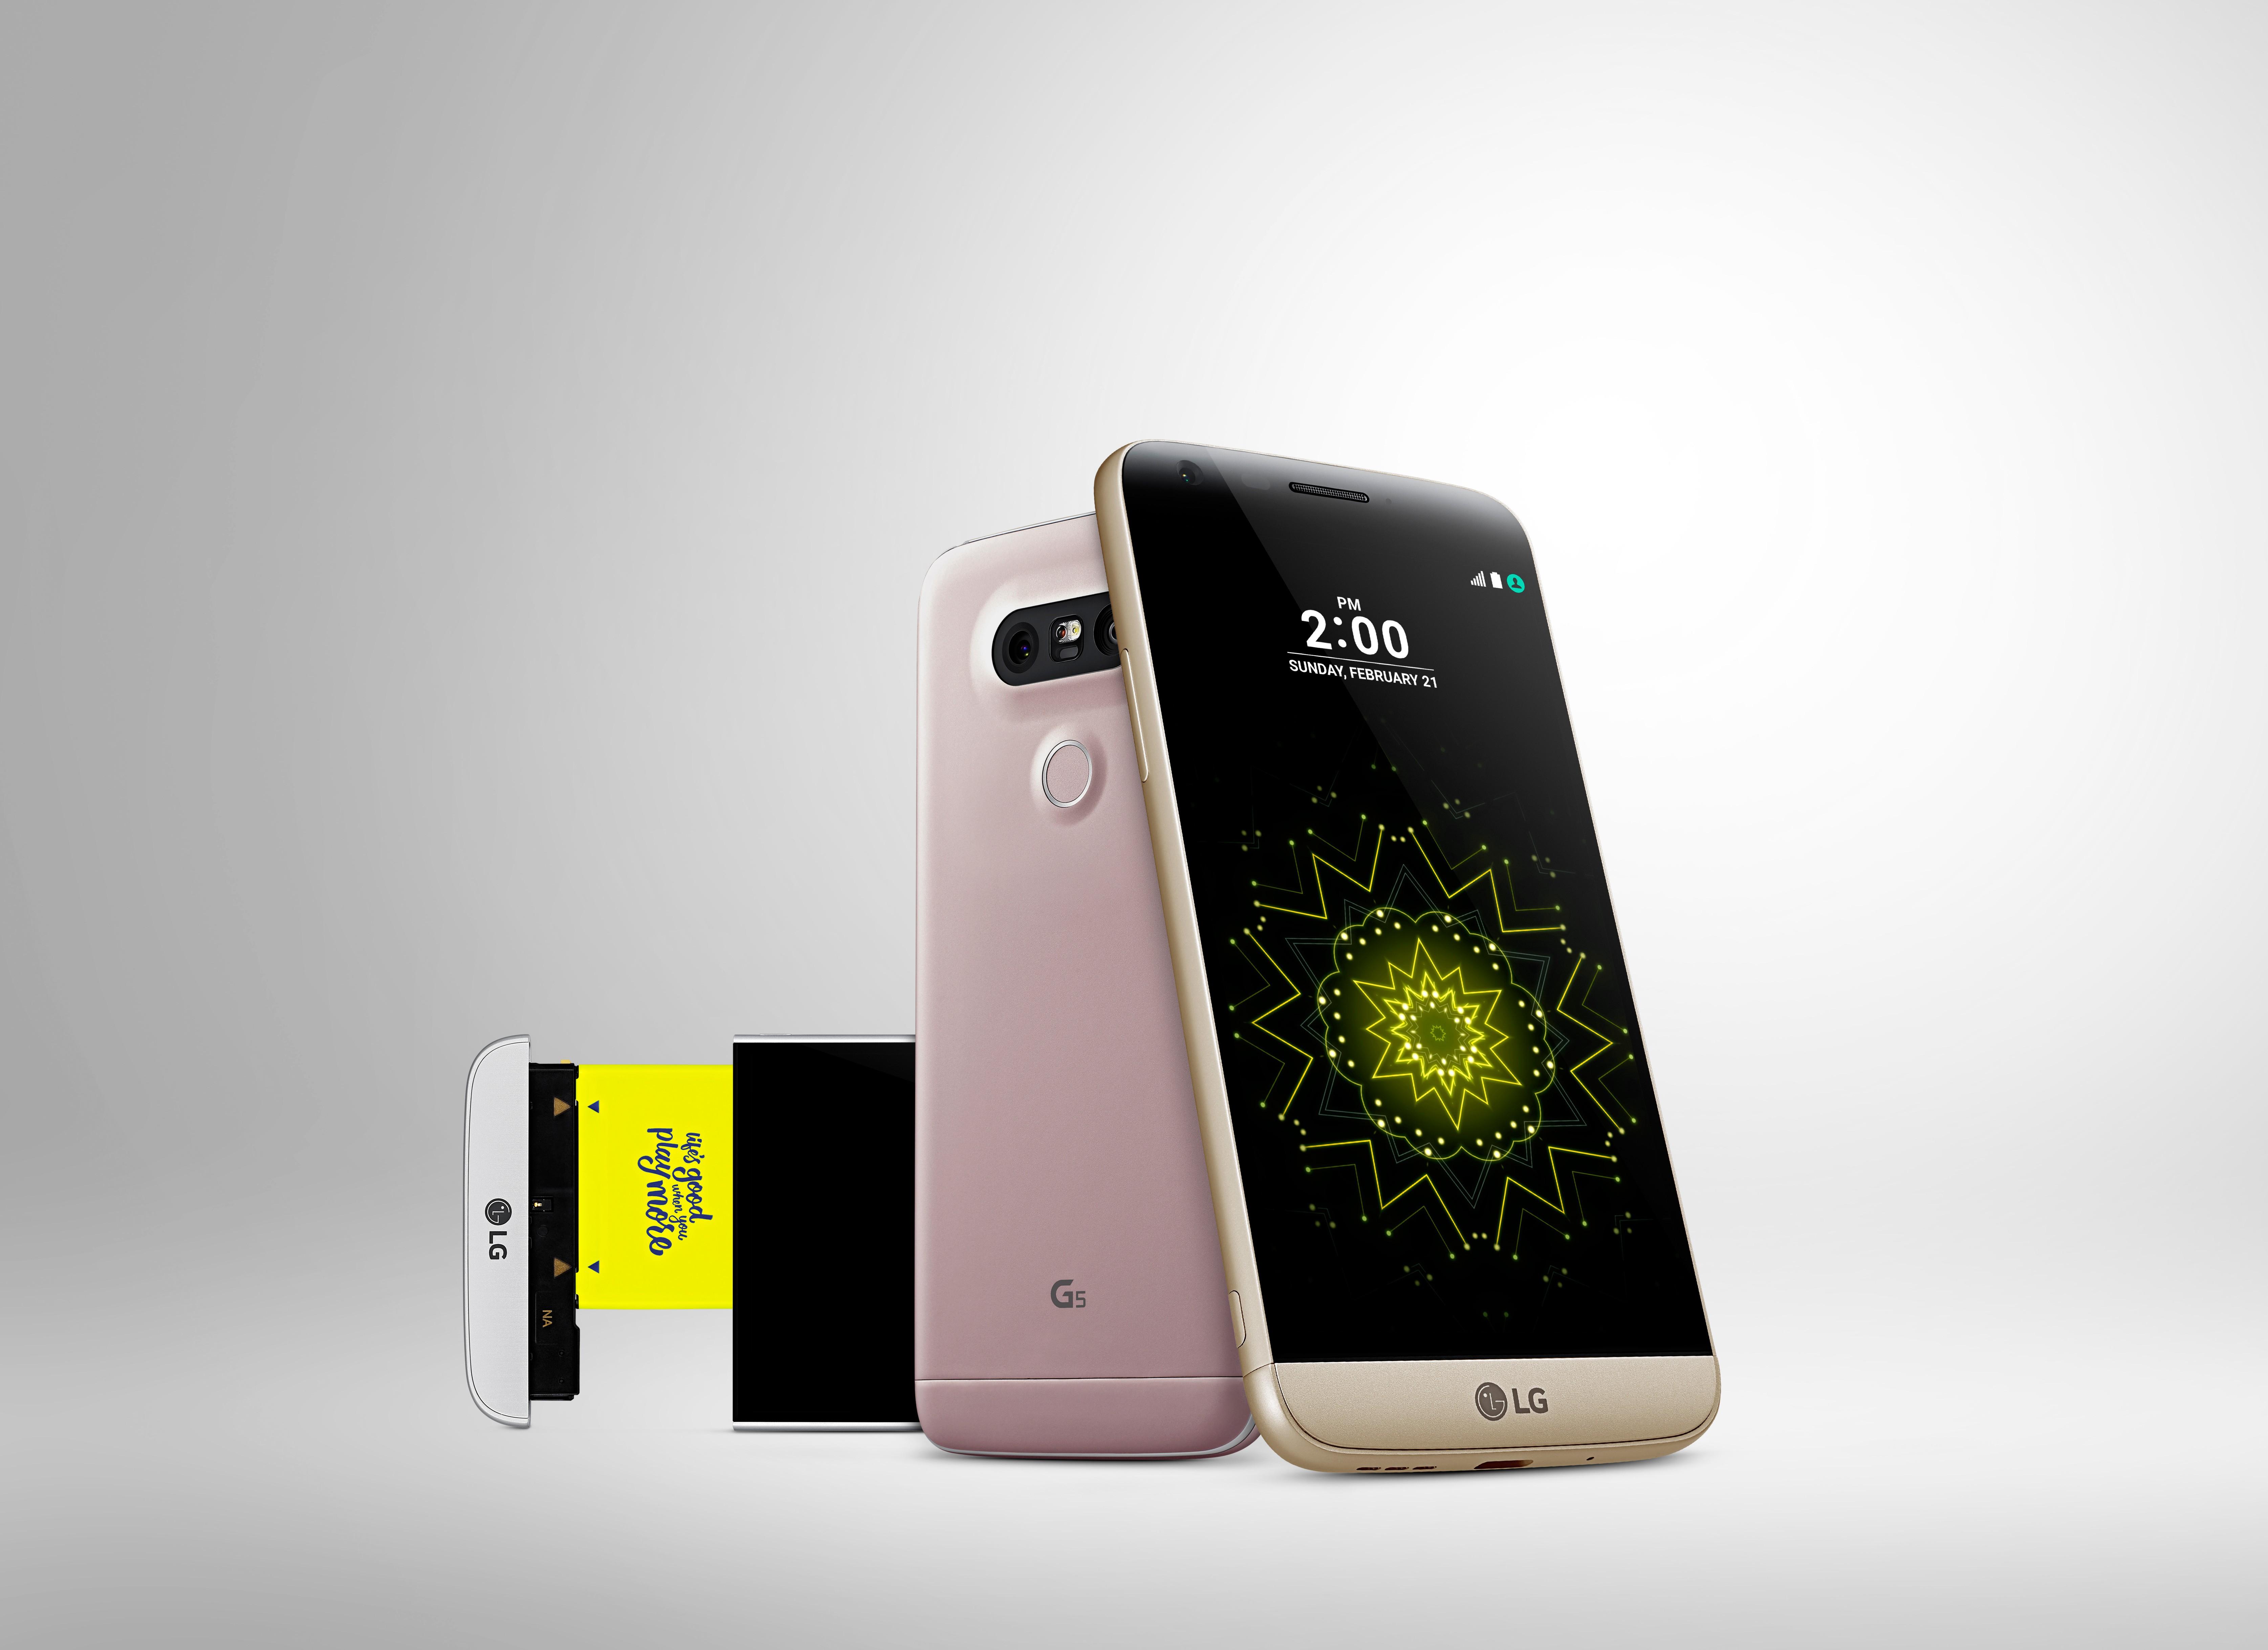 LG;:n kevään huippu-uutuuden G5:n myynti on jäänyt pahasti odotuksista.